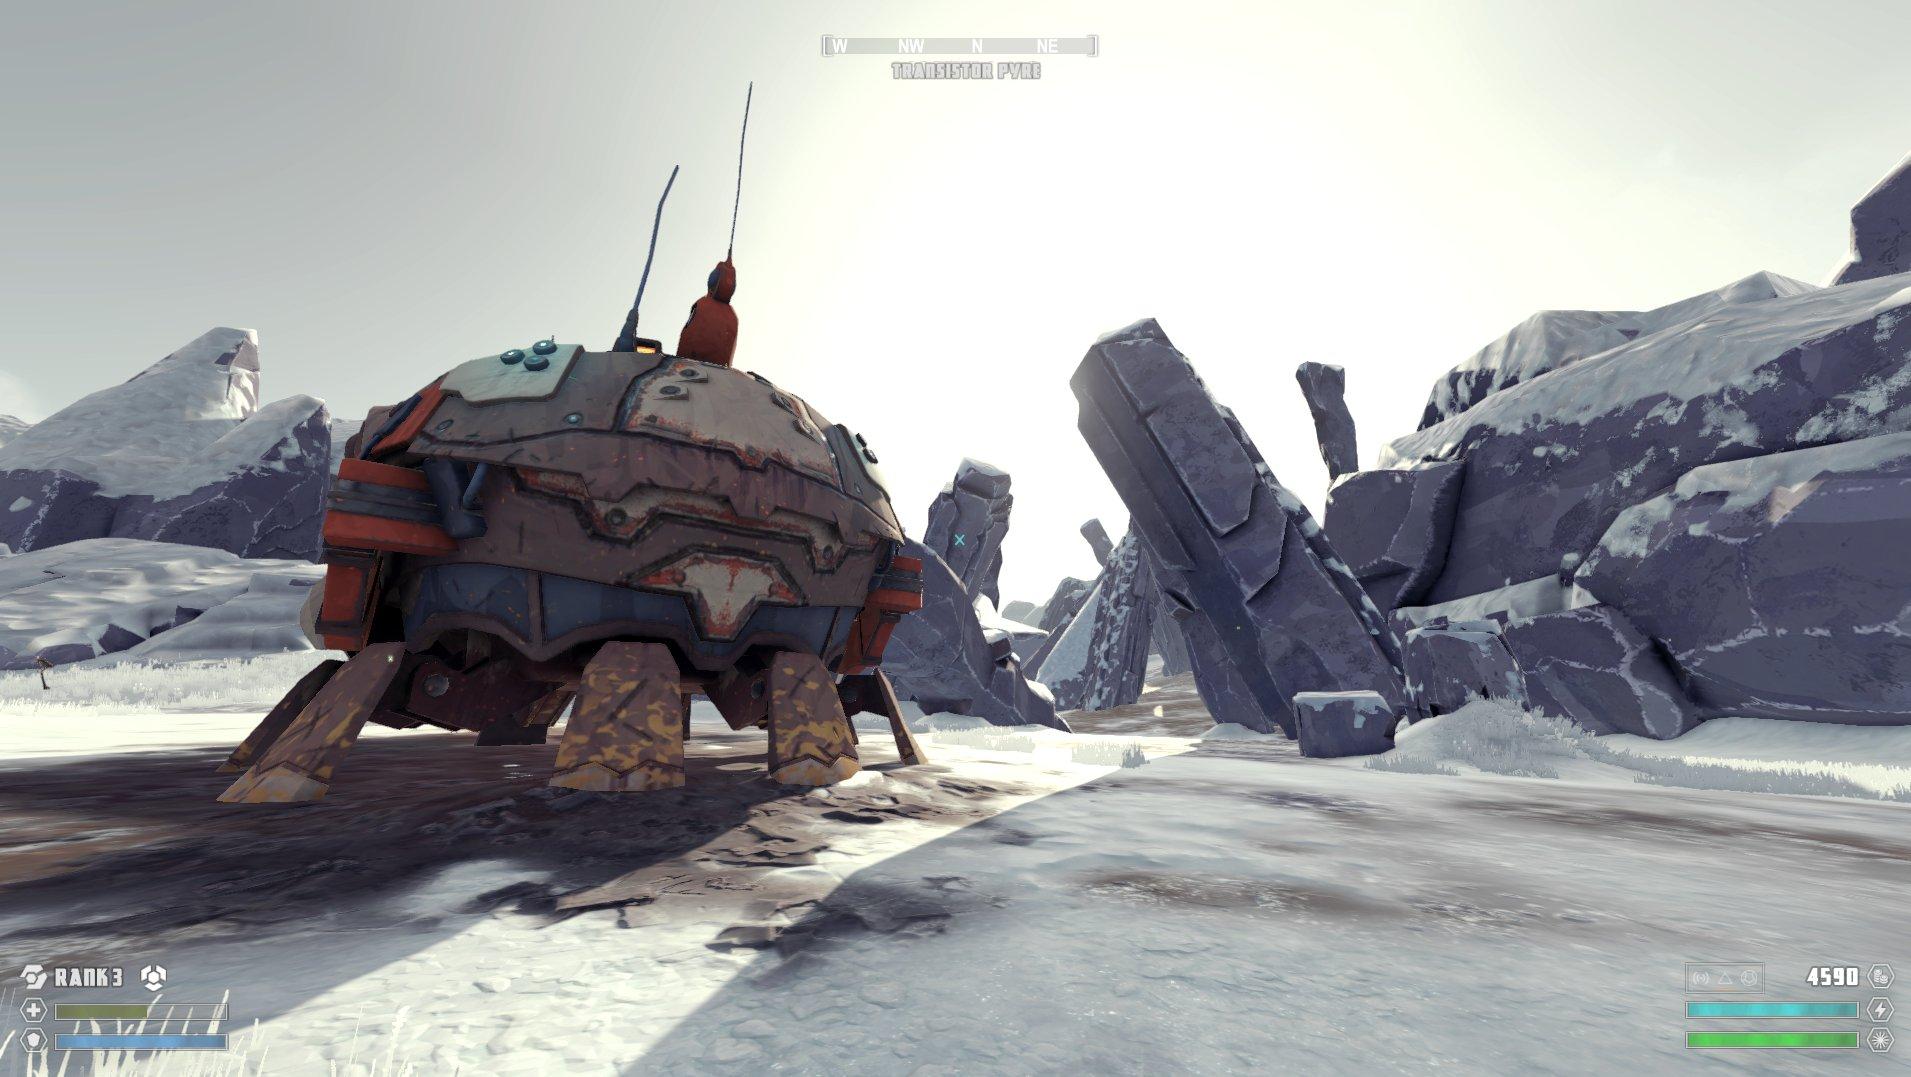 com.steam.457760-screenshot